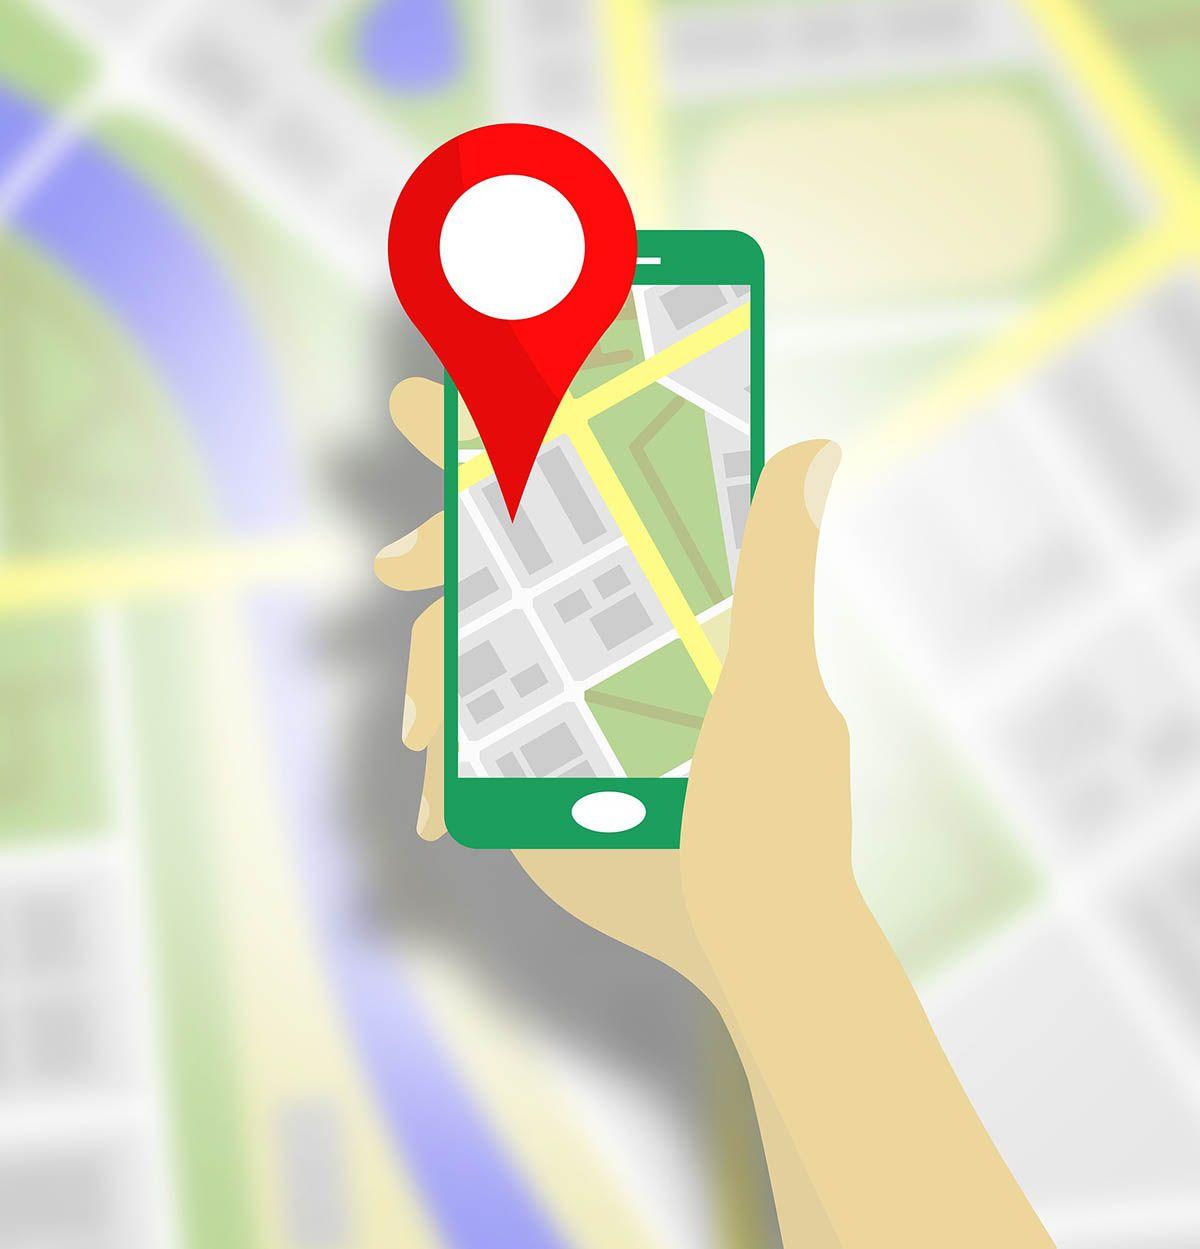 Rastreo de móvil: ¿Cómo hacerlo por medio de un GPS?